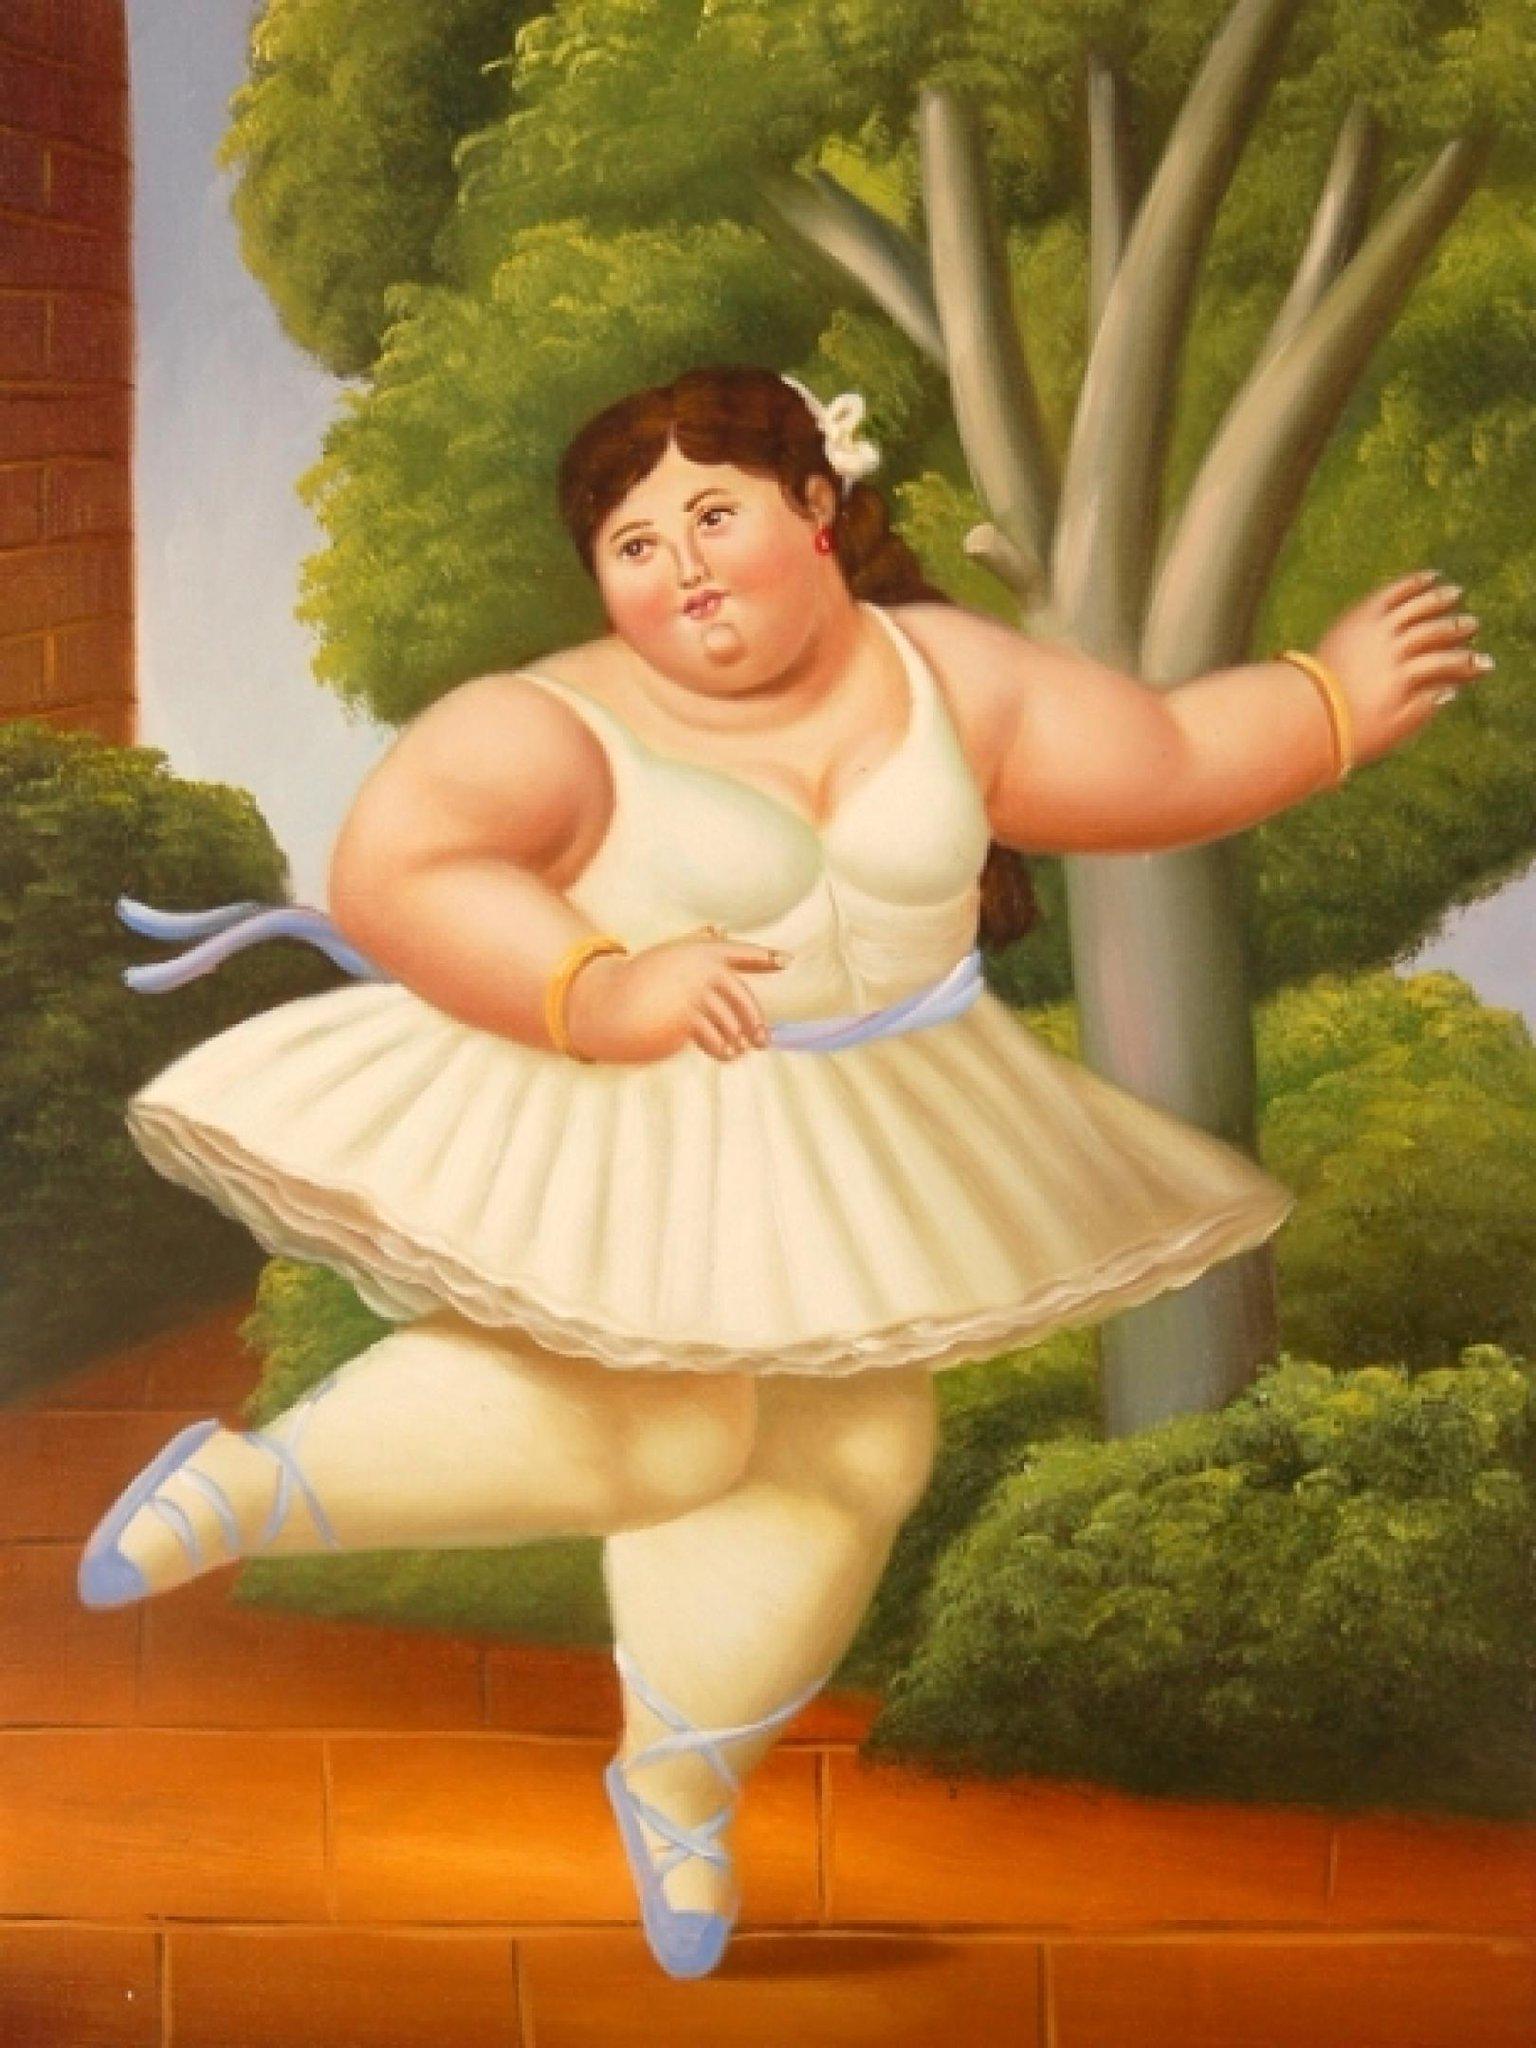 Картинки анимация, смешные рисунки балерин